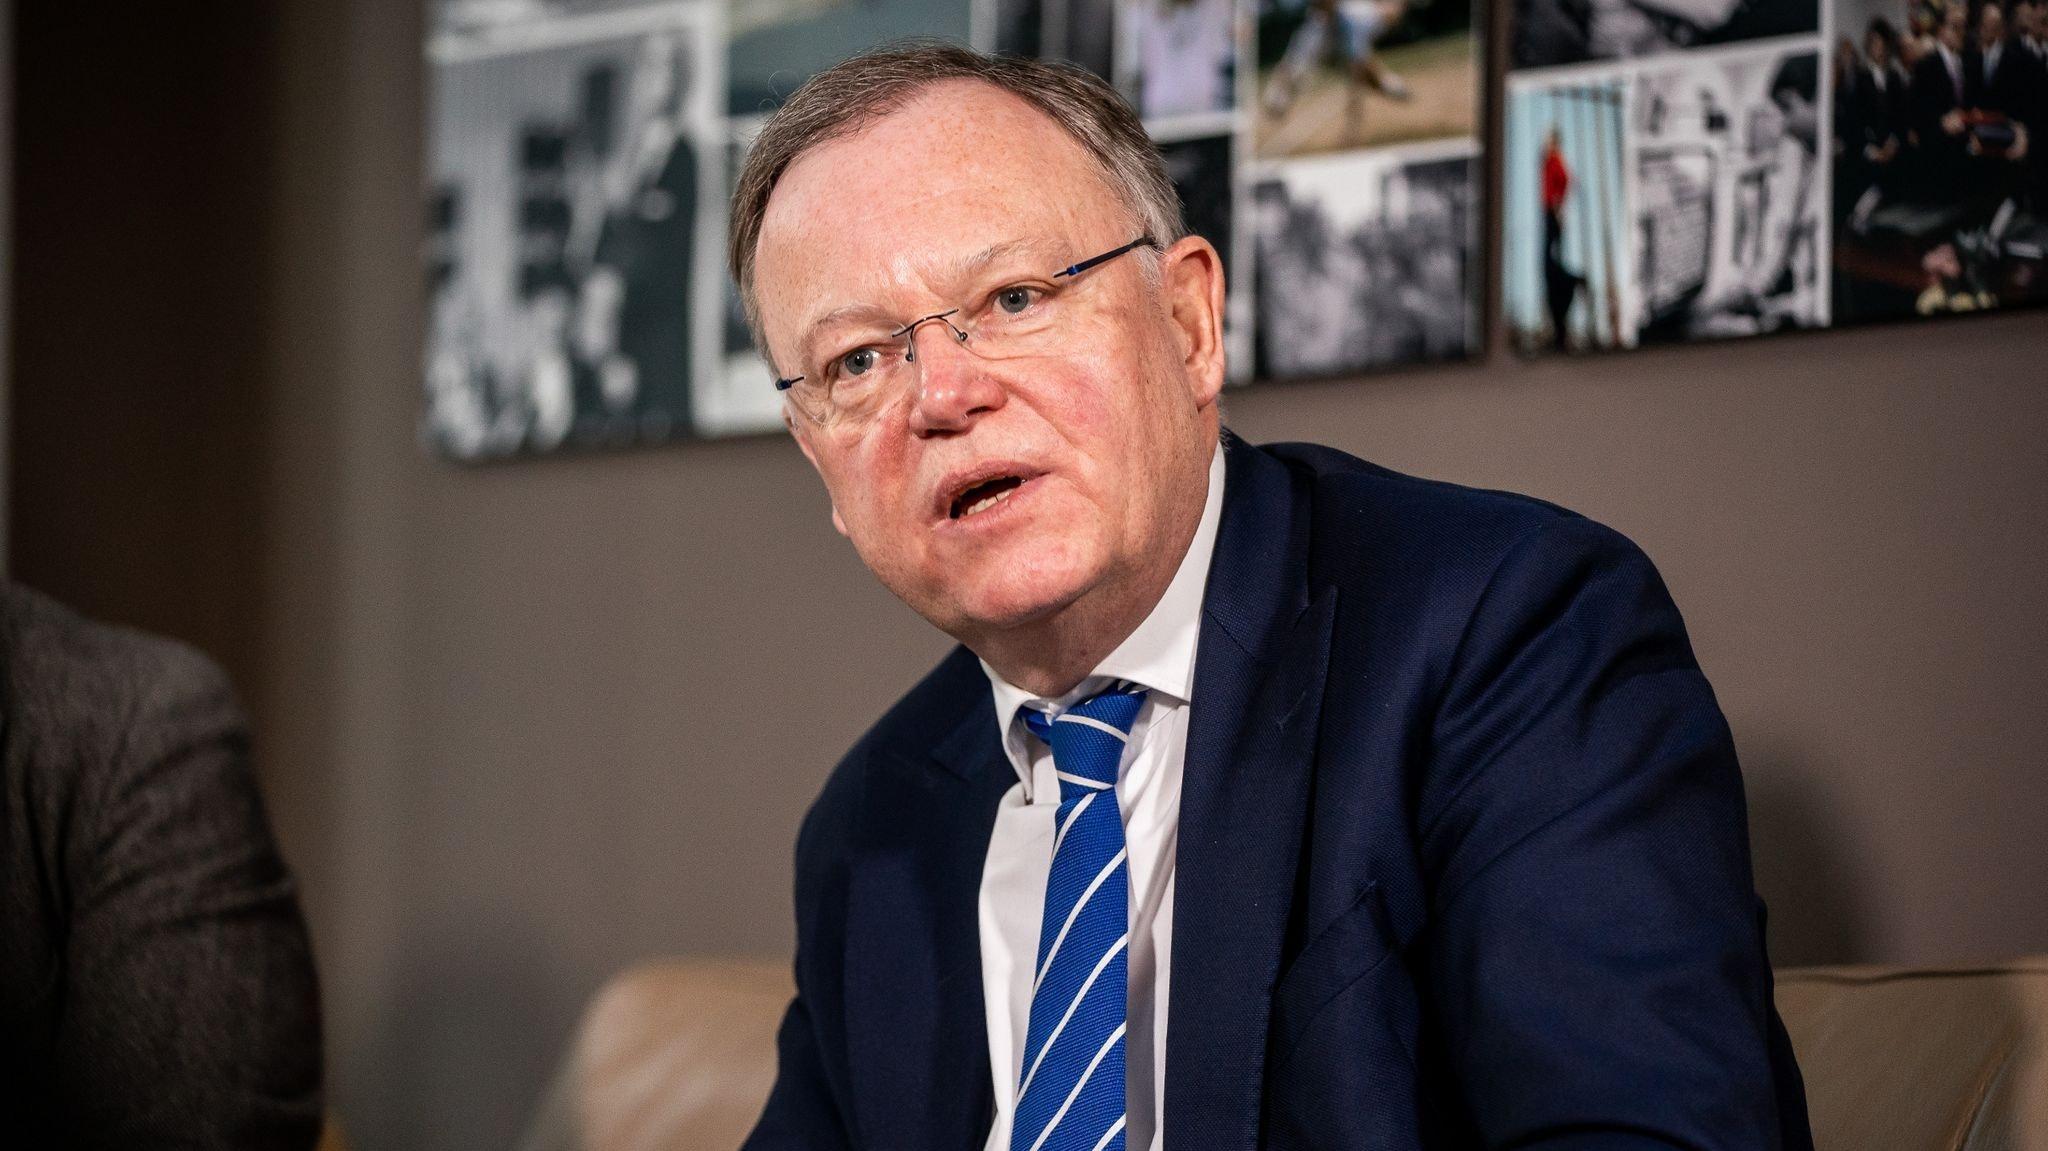 Stephan Weil (SPD) kritisiert auch die Bundesregierung Foto: dpa/Kappeler